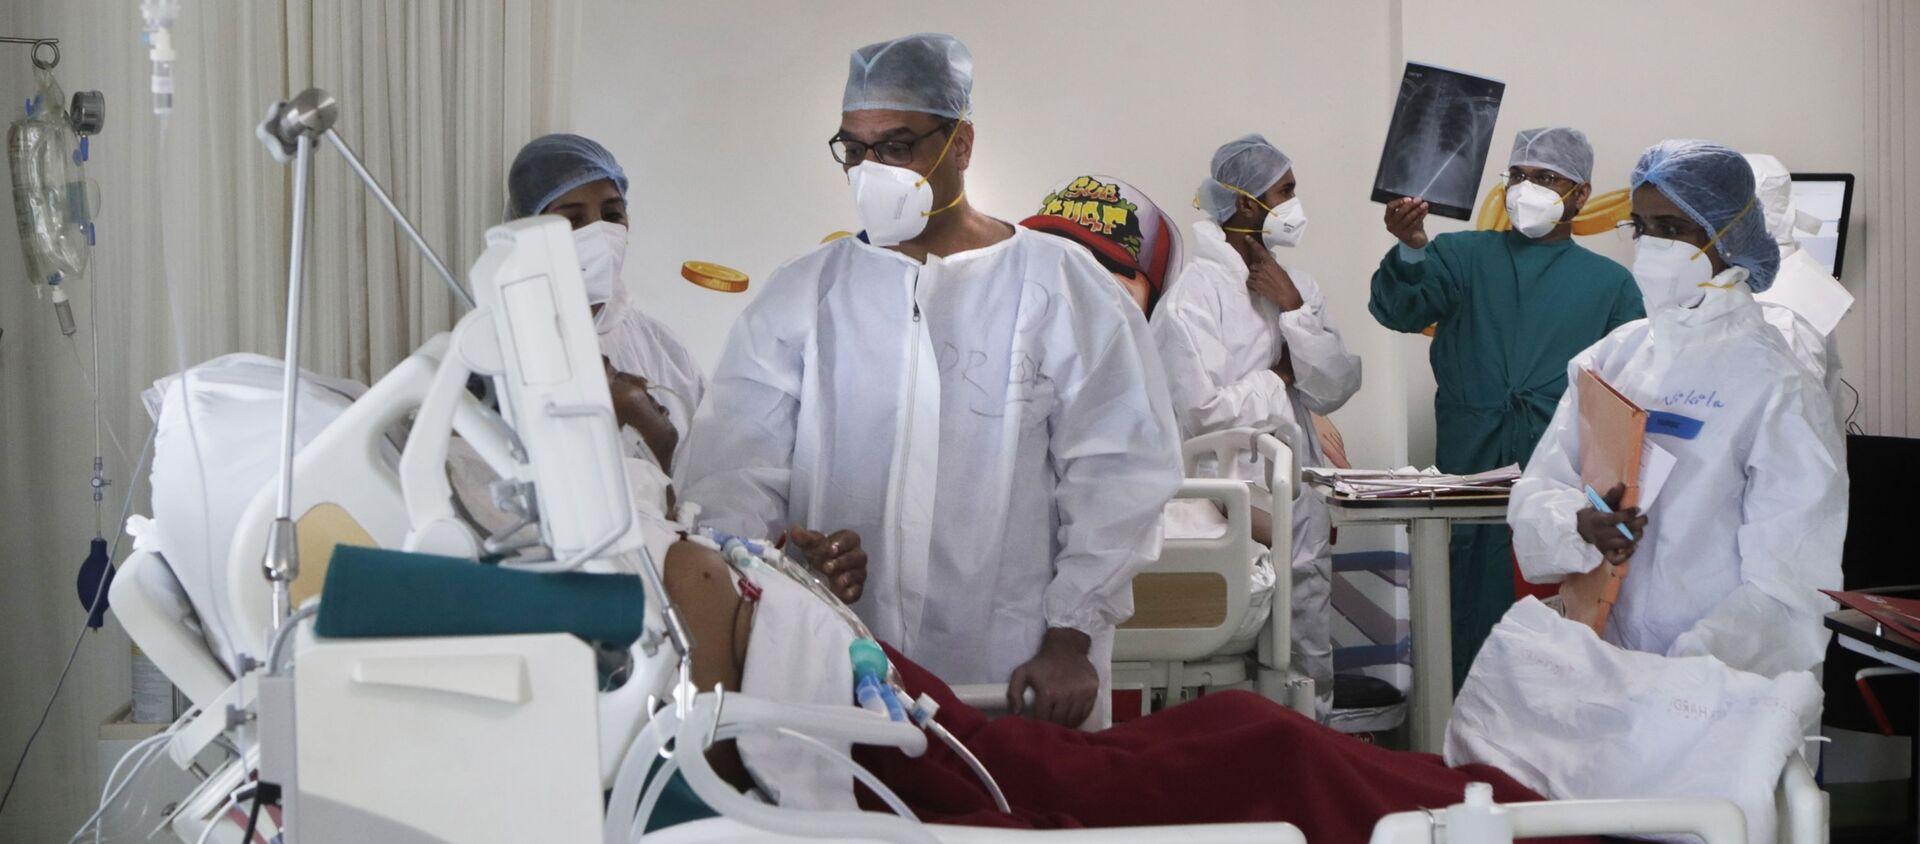 Bác sĩ thăm khám bệnh nhân trong phòng chăm sóc đặc biệt của một bệnh viện ở Mumbai, Ấn Độ - Sputnik Việt Nam, 1920, 10.09.2021